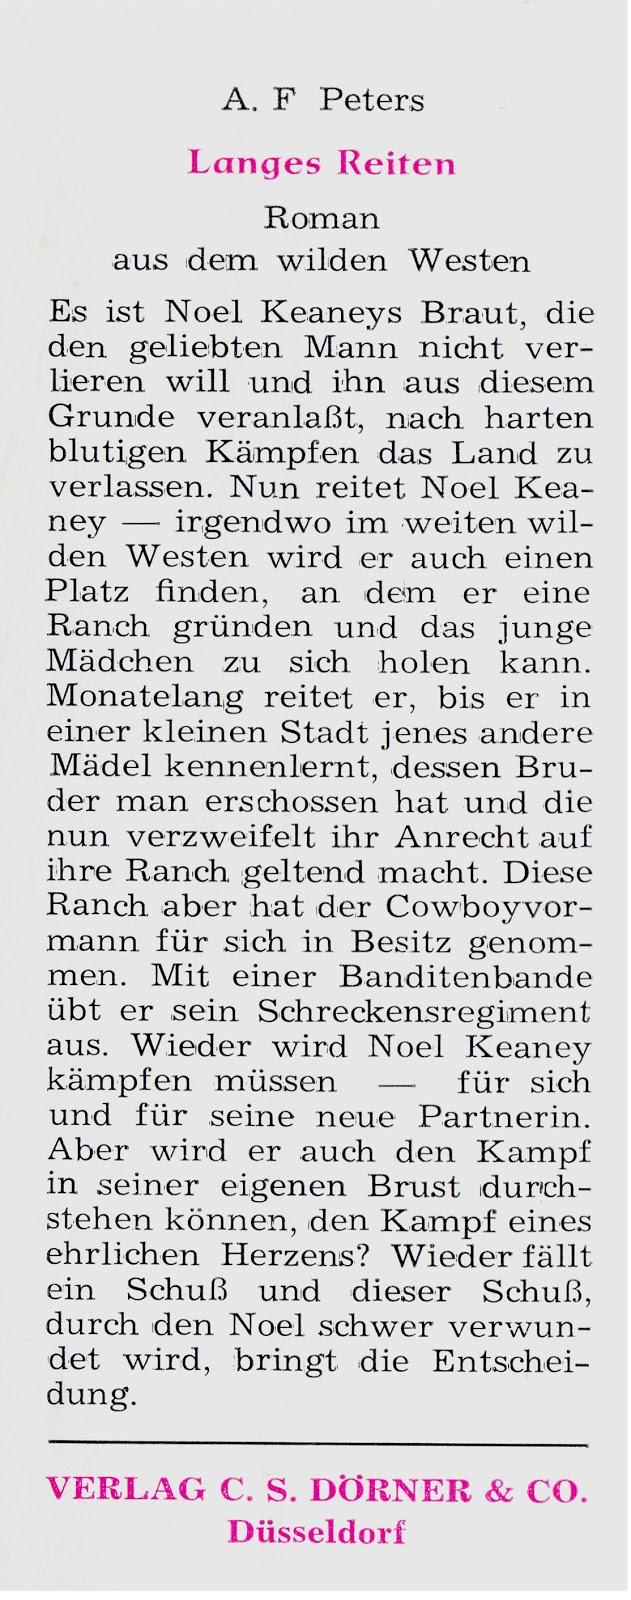 Leihbuchregal - Eine Bibliographie deutschsprachiger Leihbücher ...